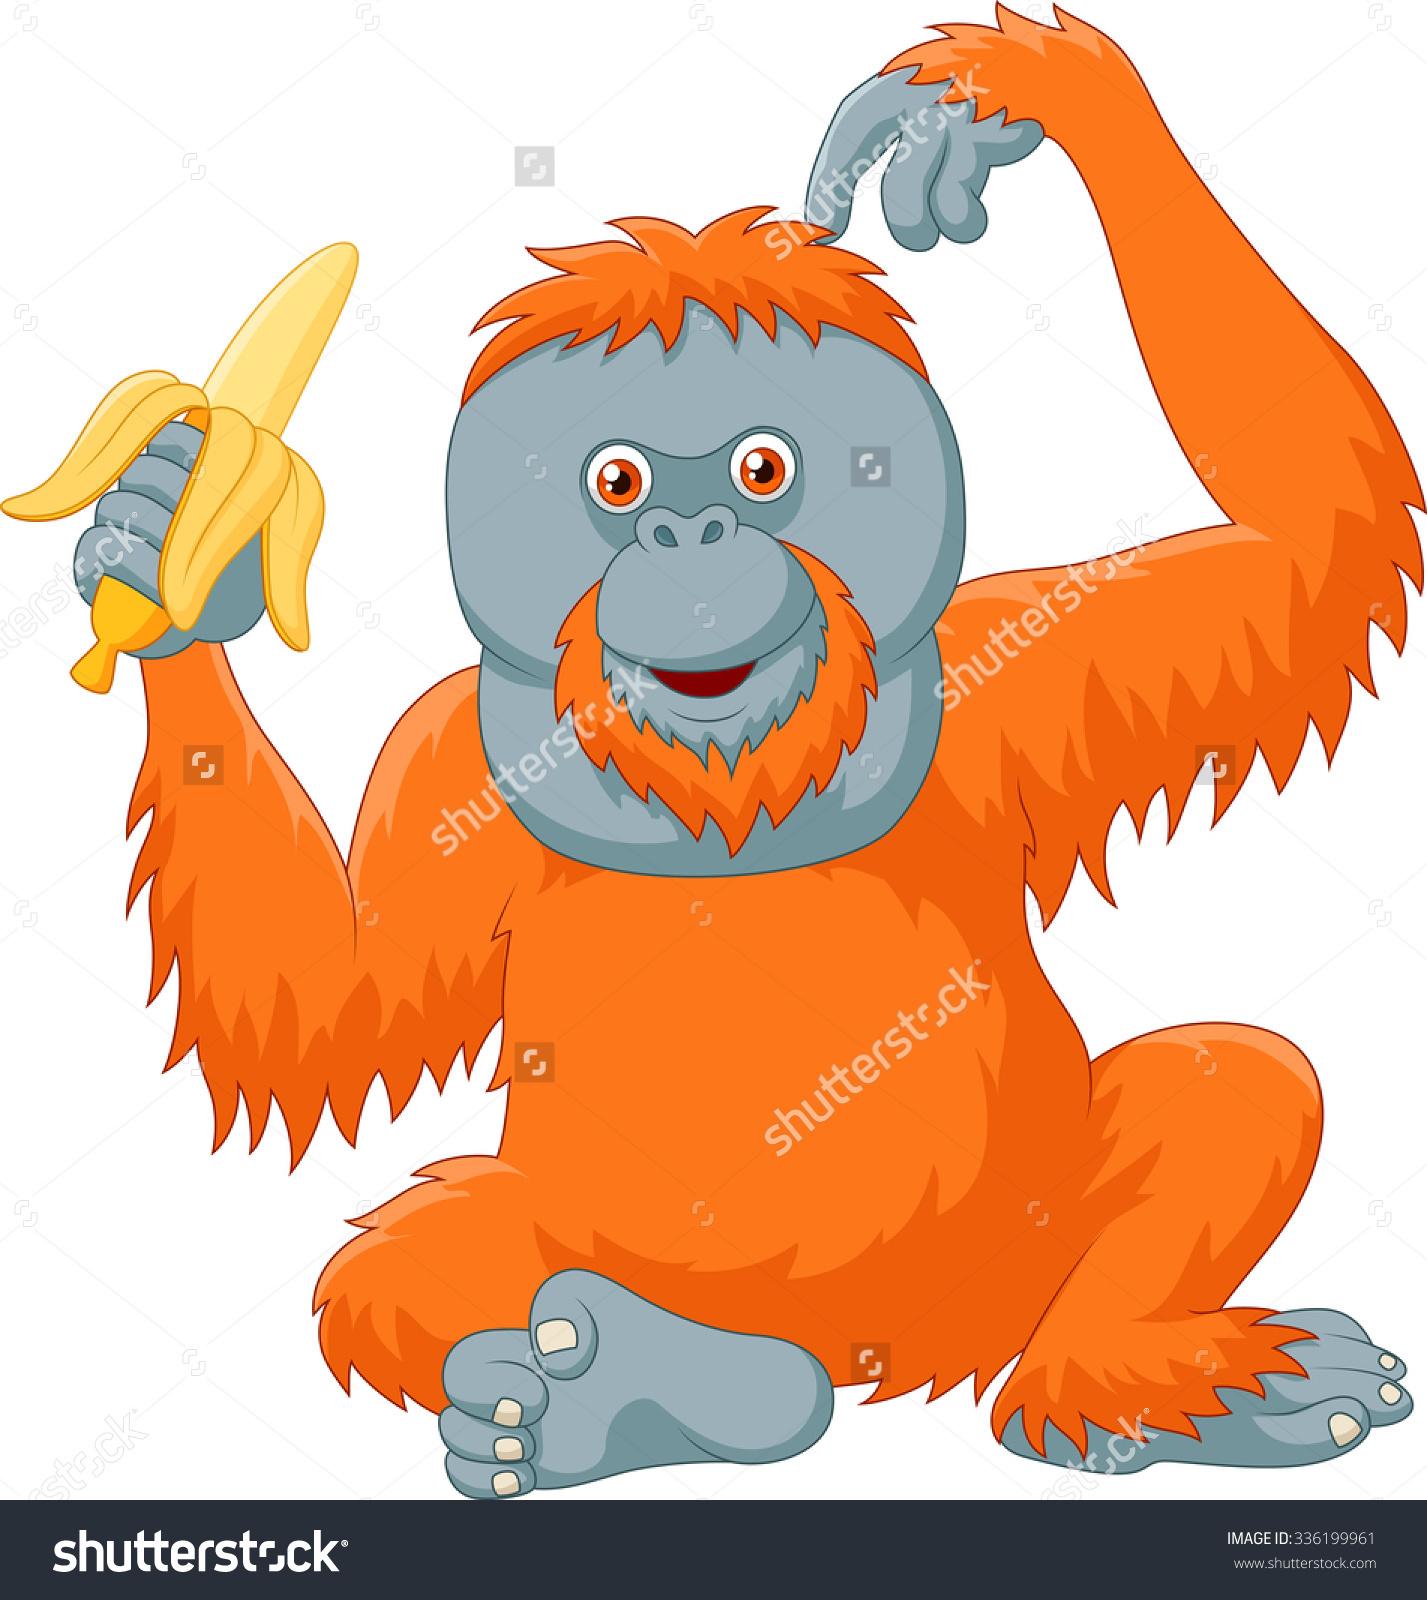 Smiling Orangutan Stock Vectors & Vector Clip Art.